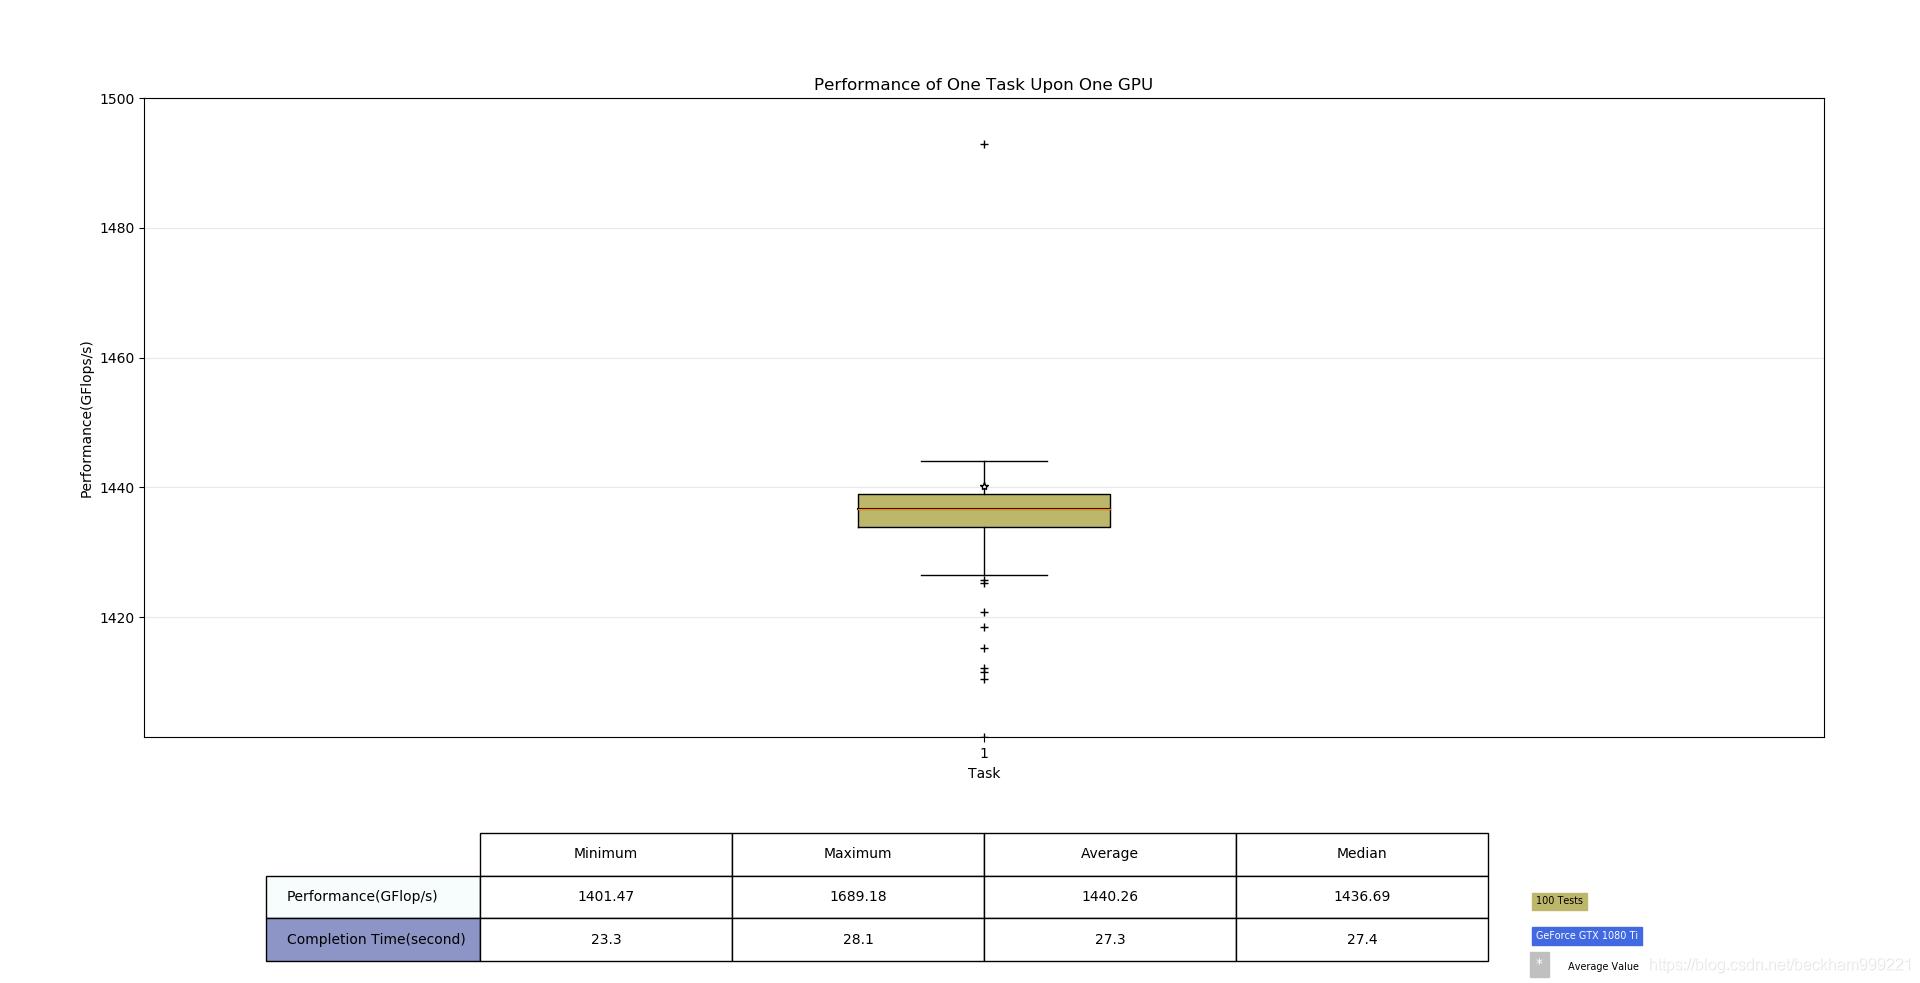 图1:单个容器在GPU执行任务性能统计